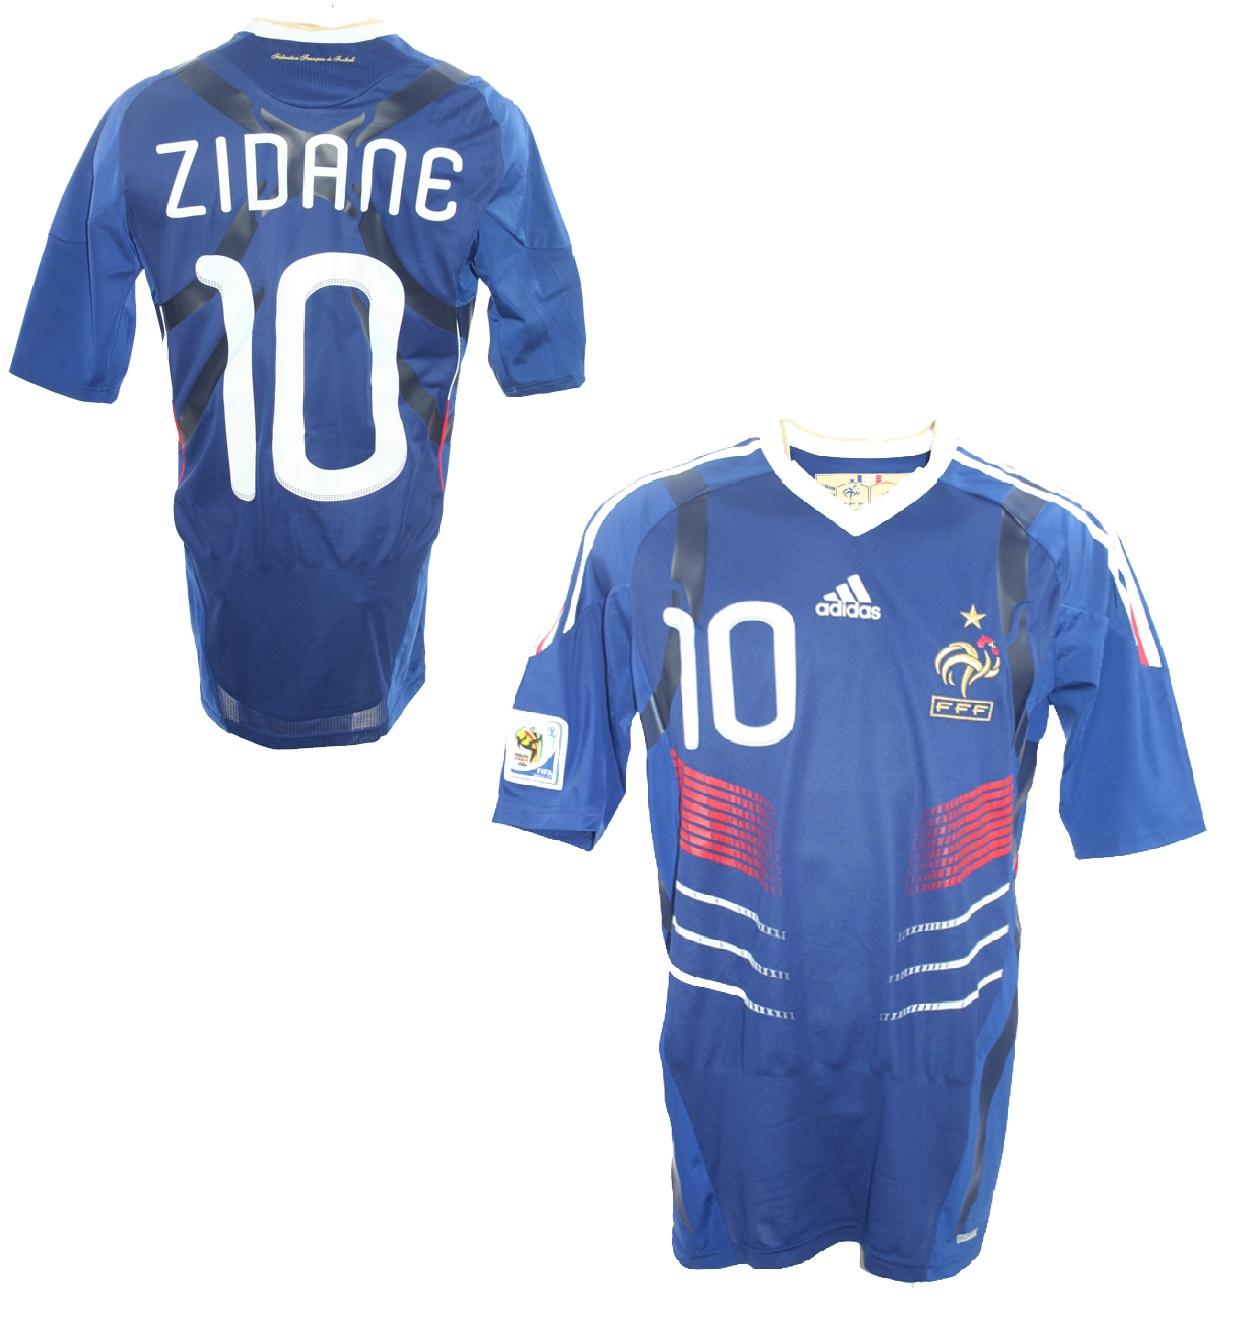 Adidas France Jersey 10 Zinedine Zidane World Cup 2010 Techfit Men S S M L Xl Xxl Shirt Buy Order Cheap Online Shop Spieler Trikot De Retro Vintage Old Football Shirts Jersey From Super Stars